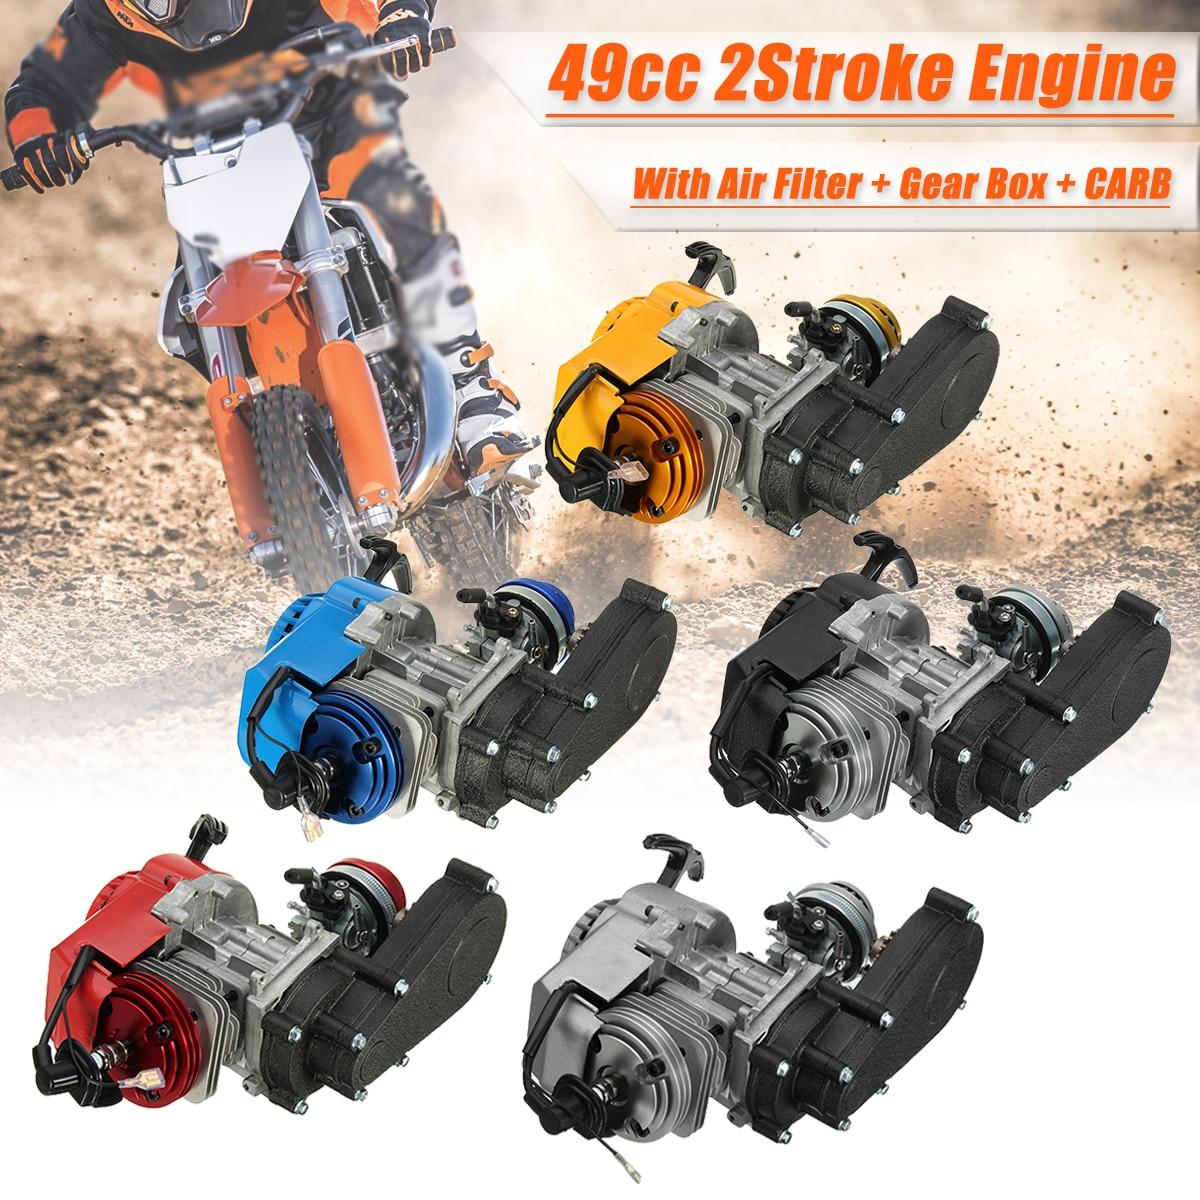 2 ход двигателя w/передачи CarburetorAir фильтр коробка передач 49CC мини Байк квадроциклах синий желтый черный красный щепка